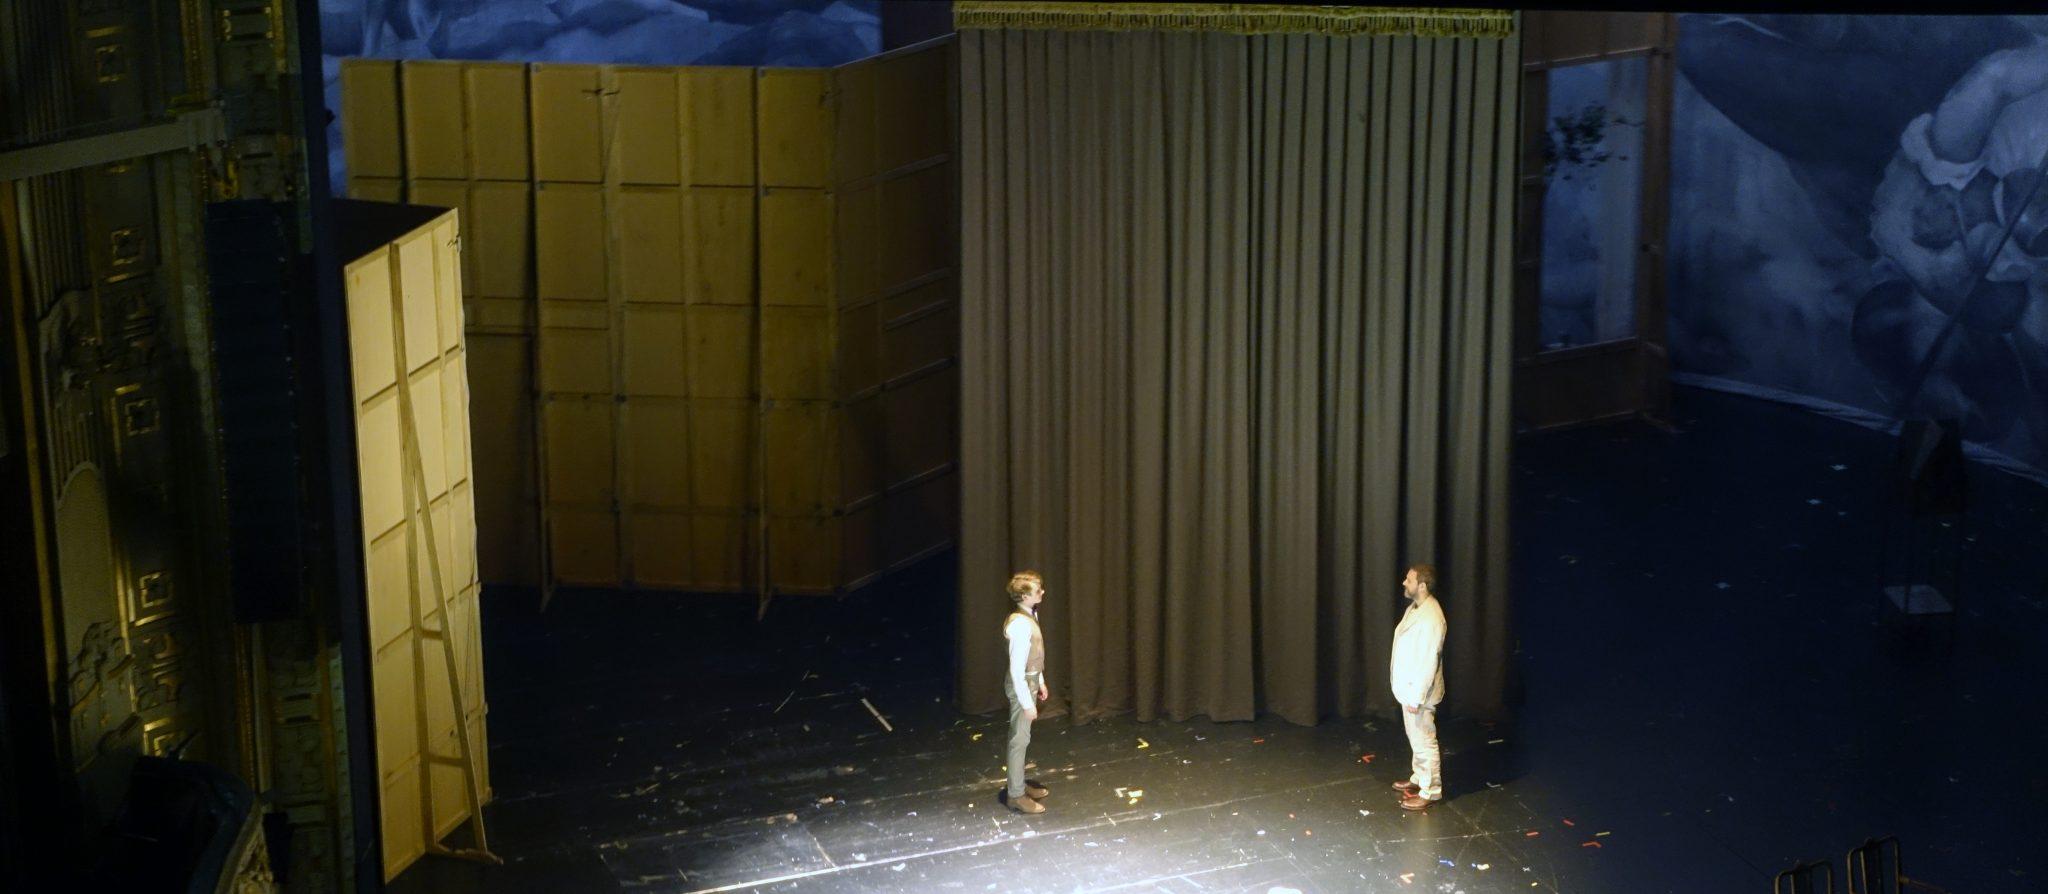 Fanny och Alexander - Dramaten - Anton Forsdik - Thomas Hanzon